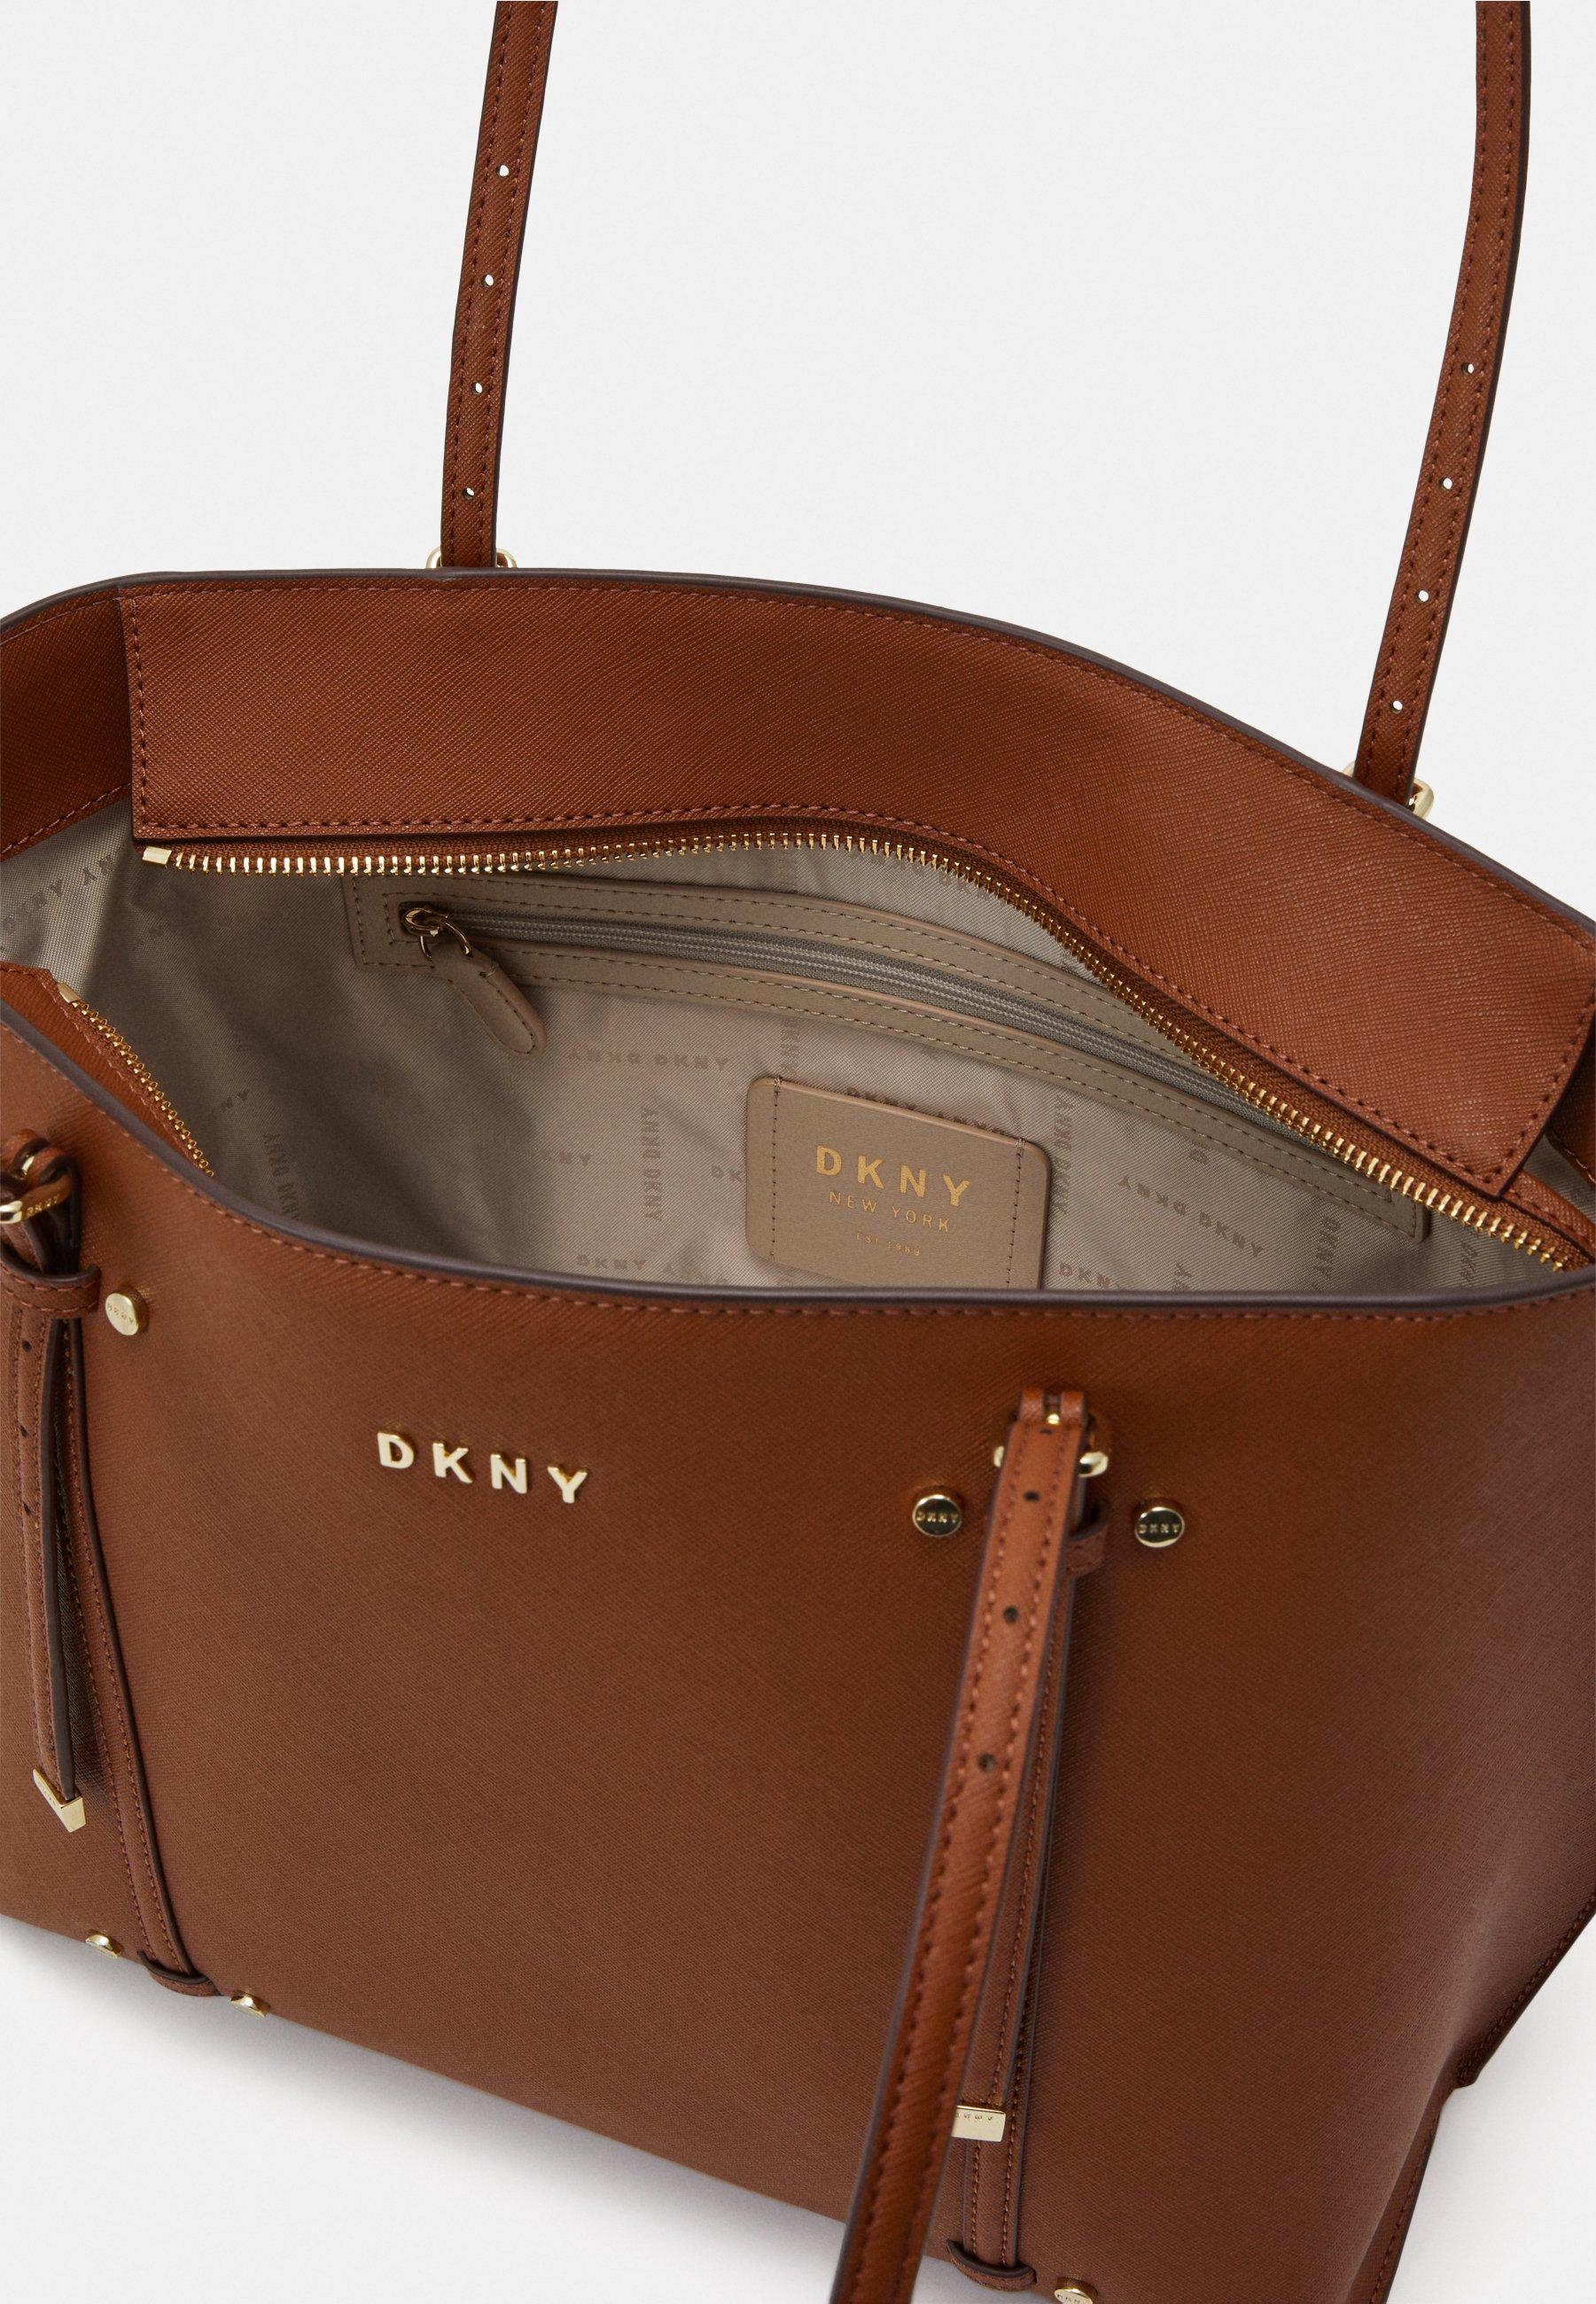 DKNY ALICE FLAP SHOULDER - Shoppingveske - caramel/brunlig 3ppcUPL3zI4yWiV